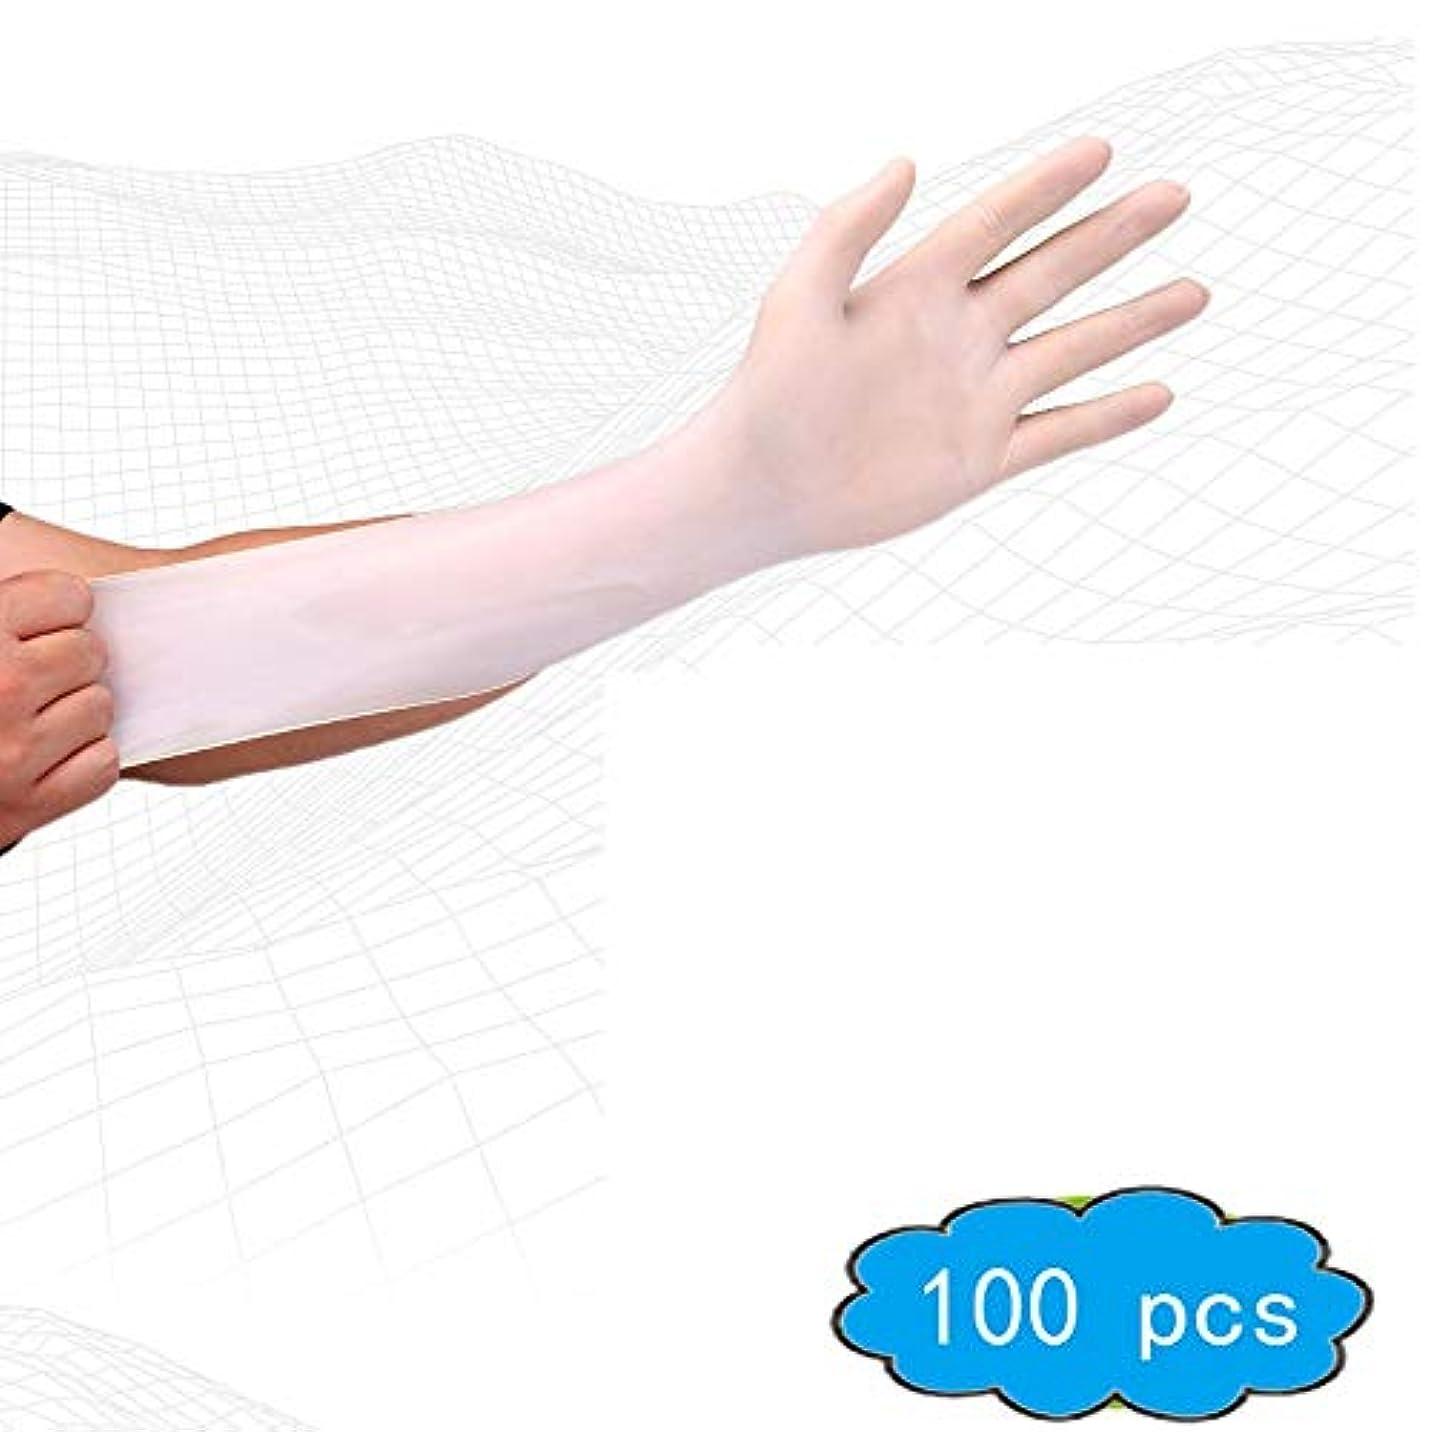 落ち着いて加入存在する使い捨てラテックス手袋、パウダーなし/ポックマーク/左手および右手、100箱、厚手、食品グレード、実験室、電子機器、ケータリング、高弾性手袋 (Color : Beige, Size : XS)